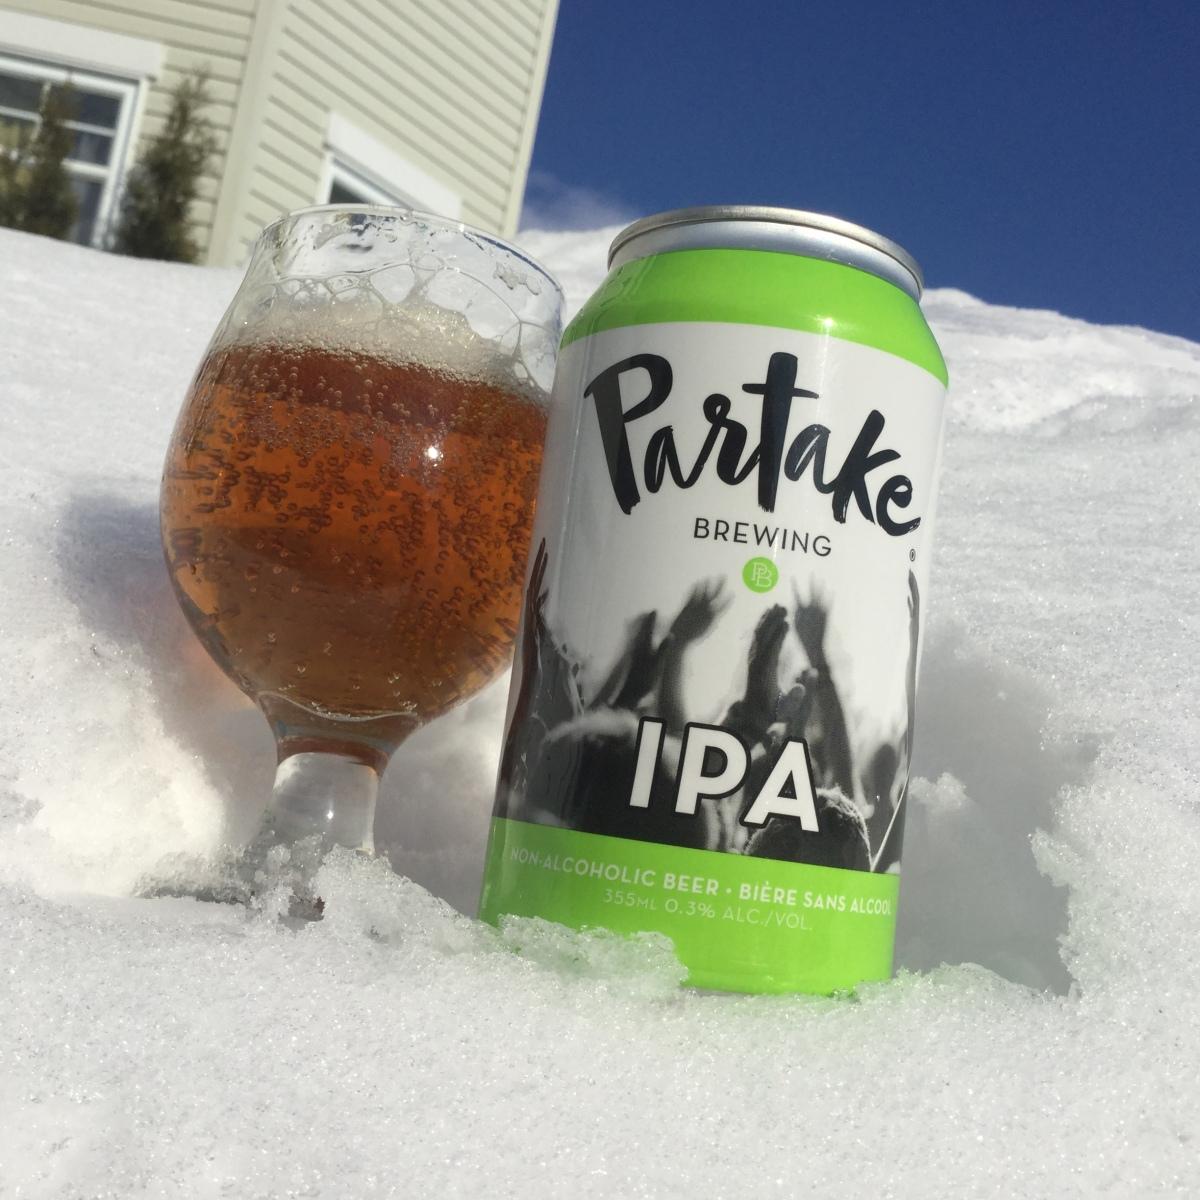 Partake IPA